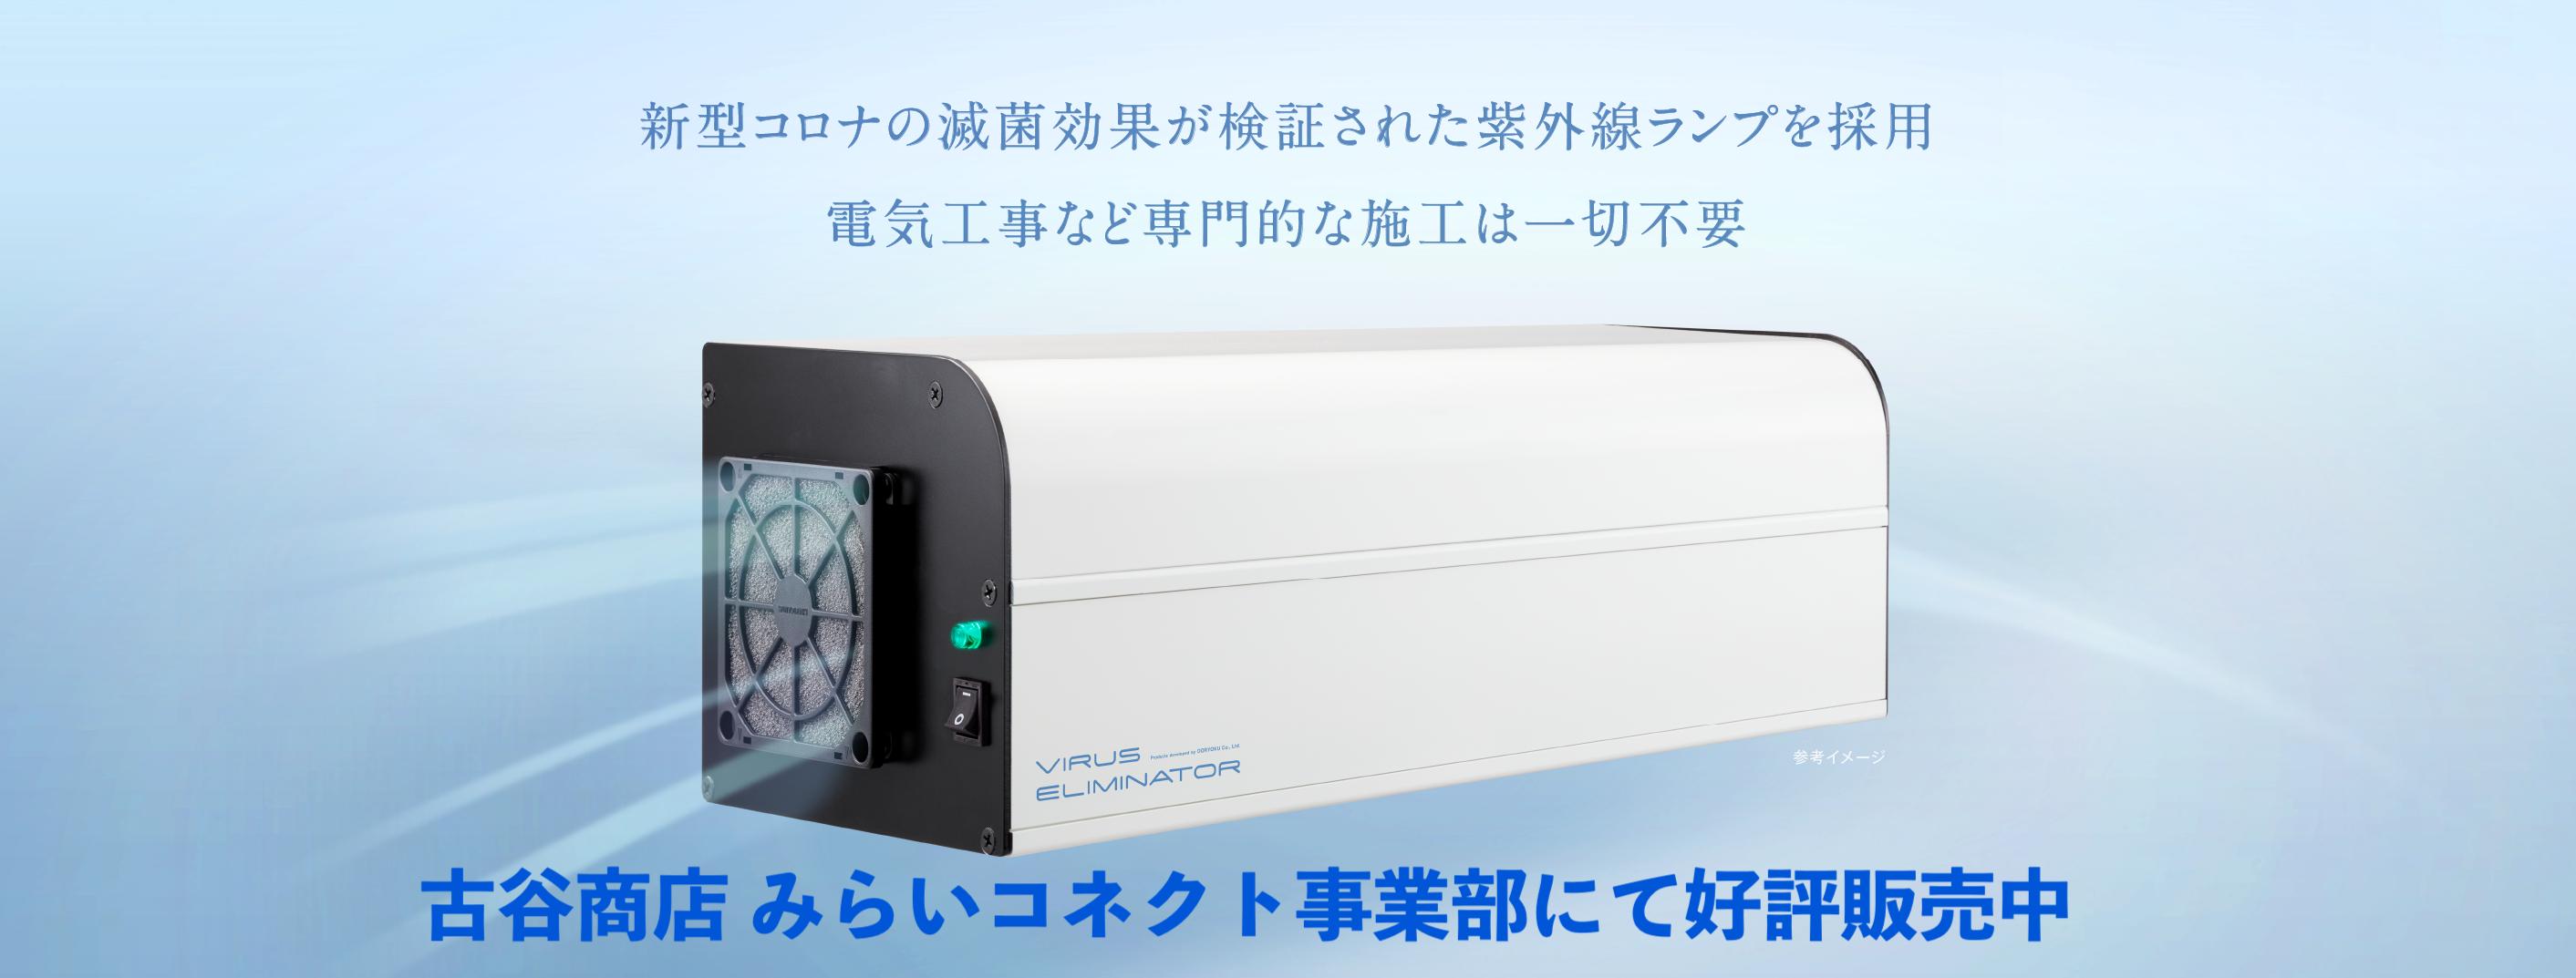 新型コロナ対策:紫外線空気清浄器「ウイルスエリミネーター」